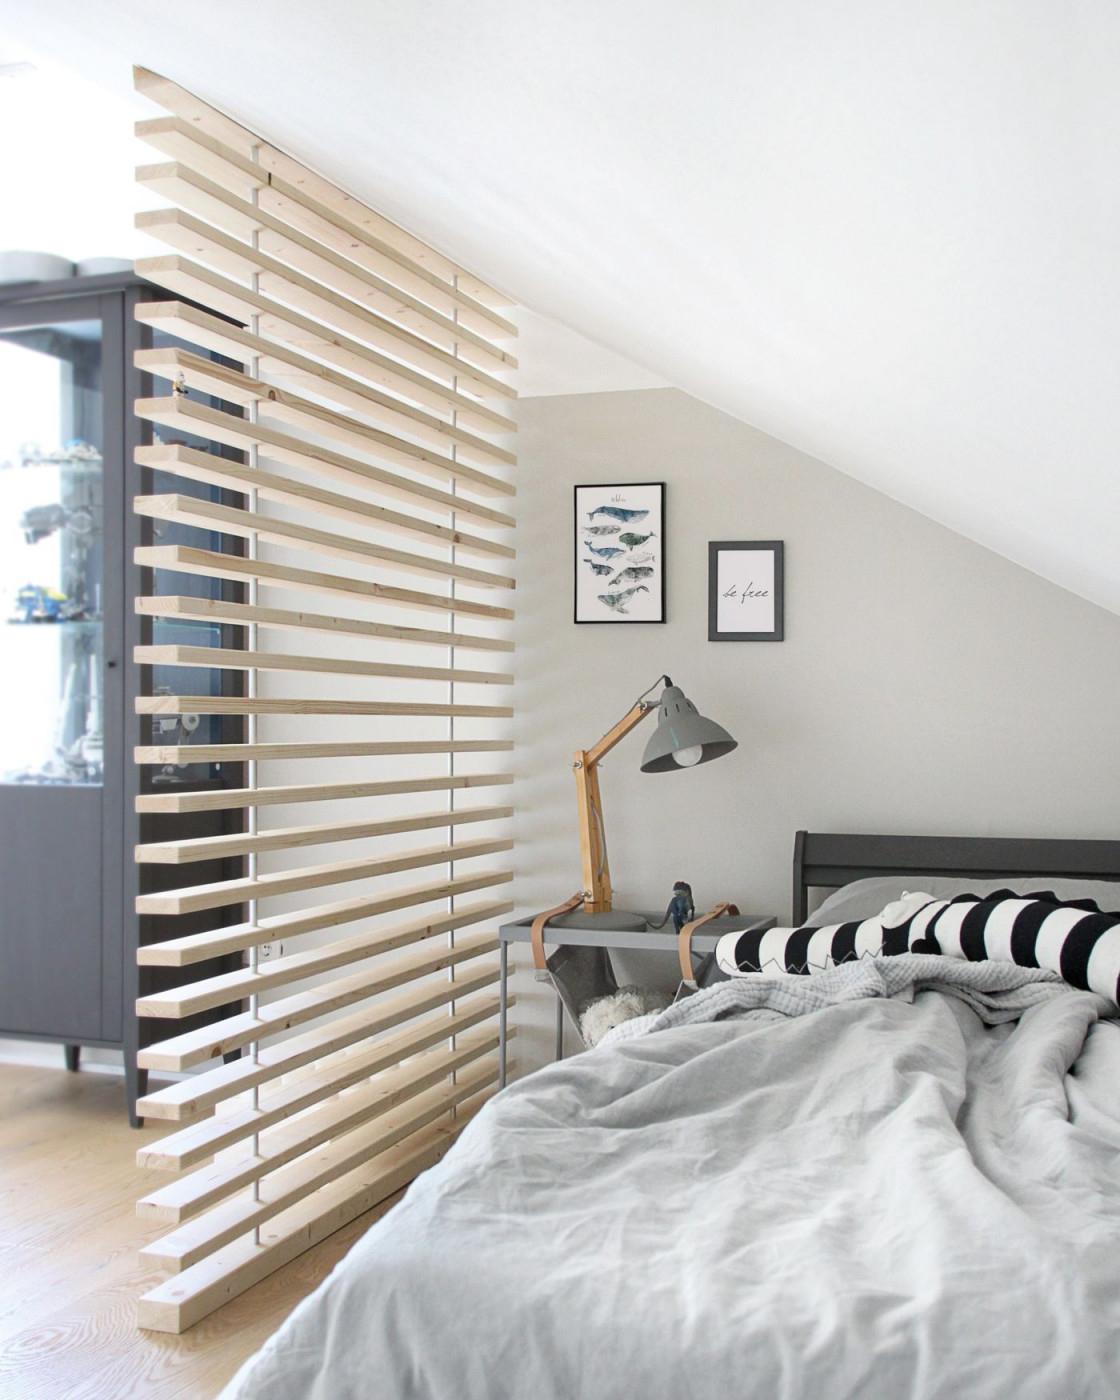 Ideen Für Raumteiler Und Raumtrenner von Raumteiler Ideen Wohnzimmer Schlafzimmer Photo